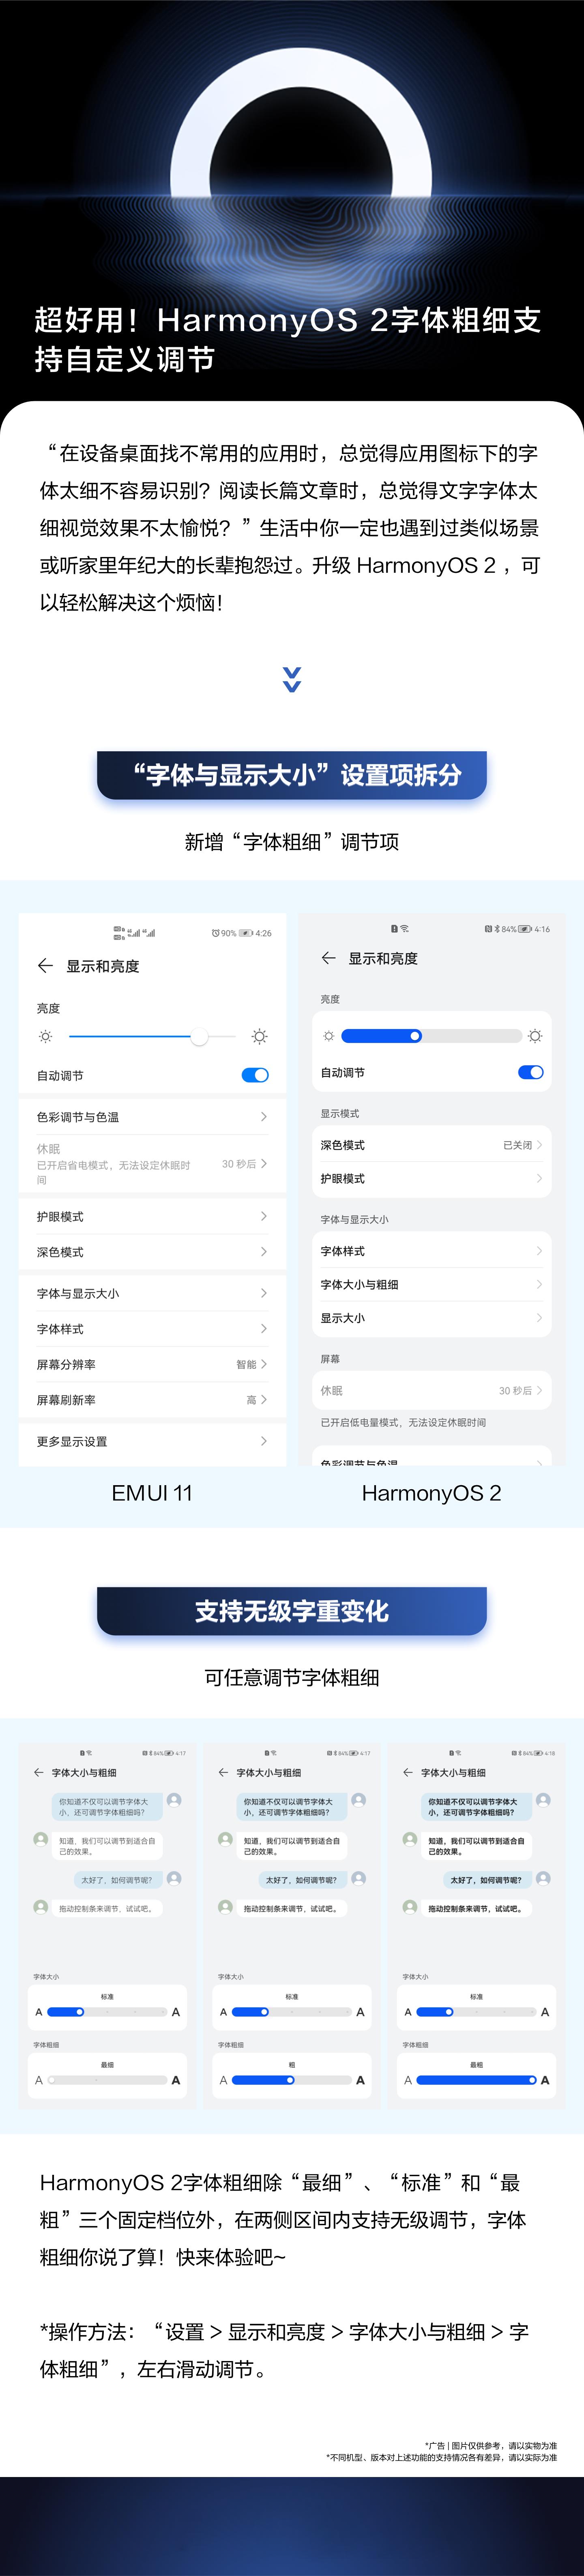 超好用!HarmonyOS 2字体粗细支持自定义调节.png